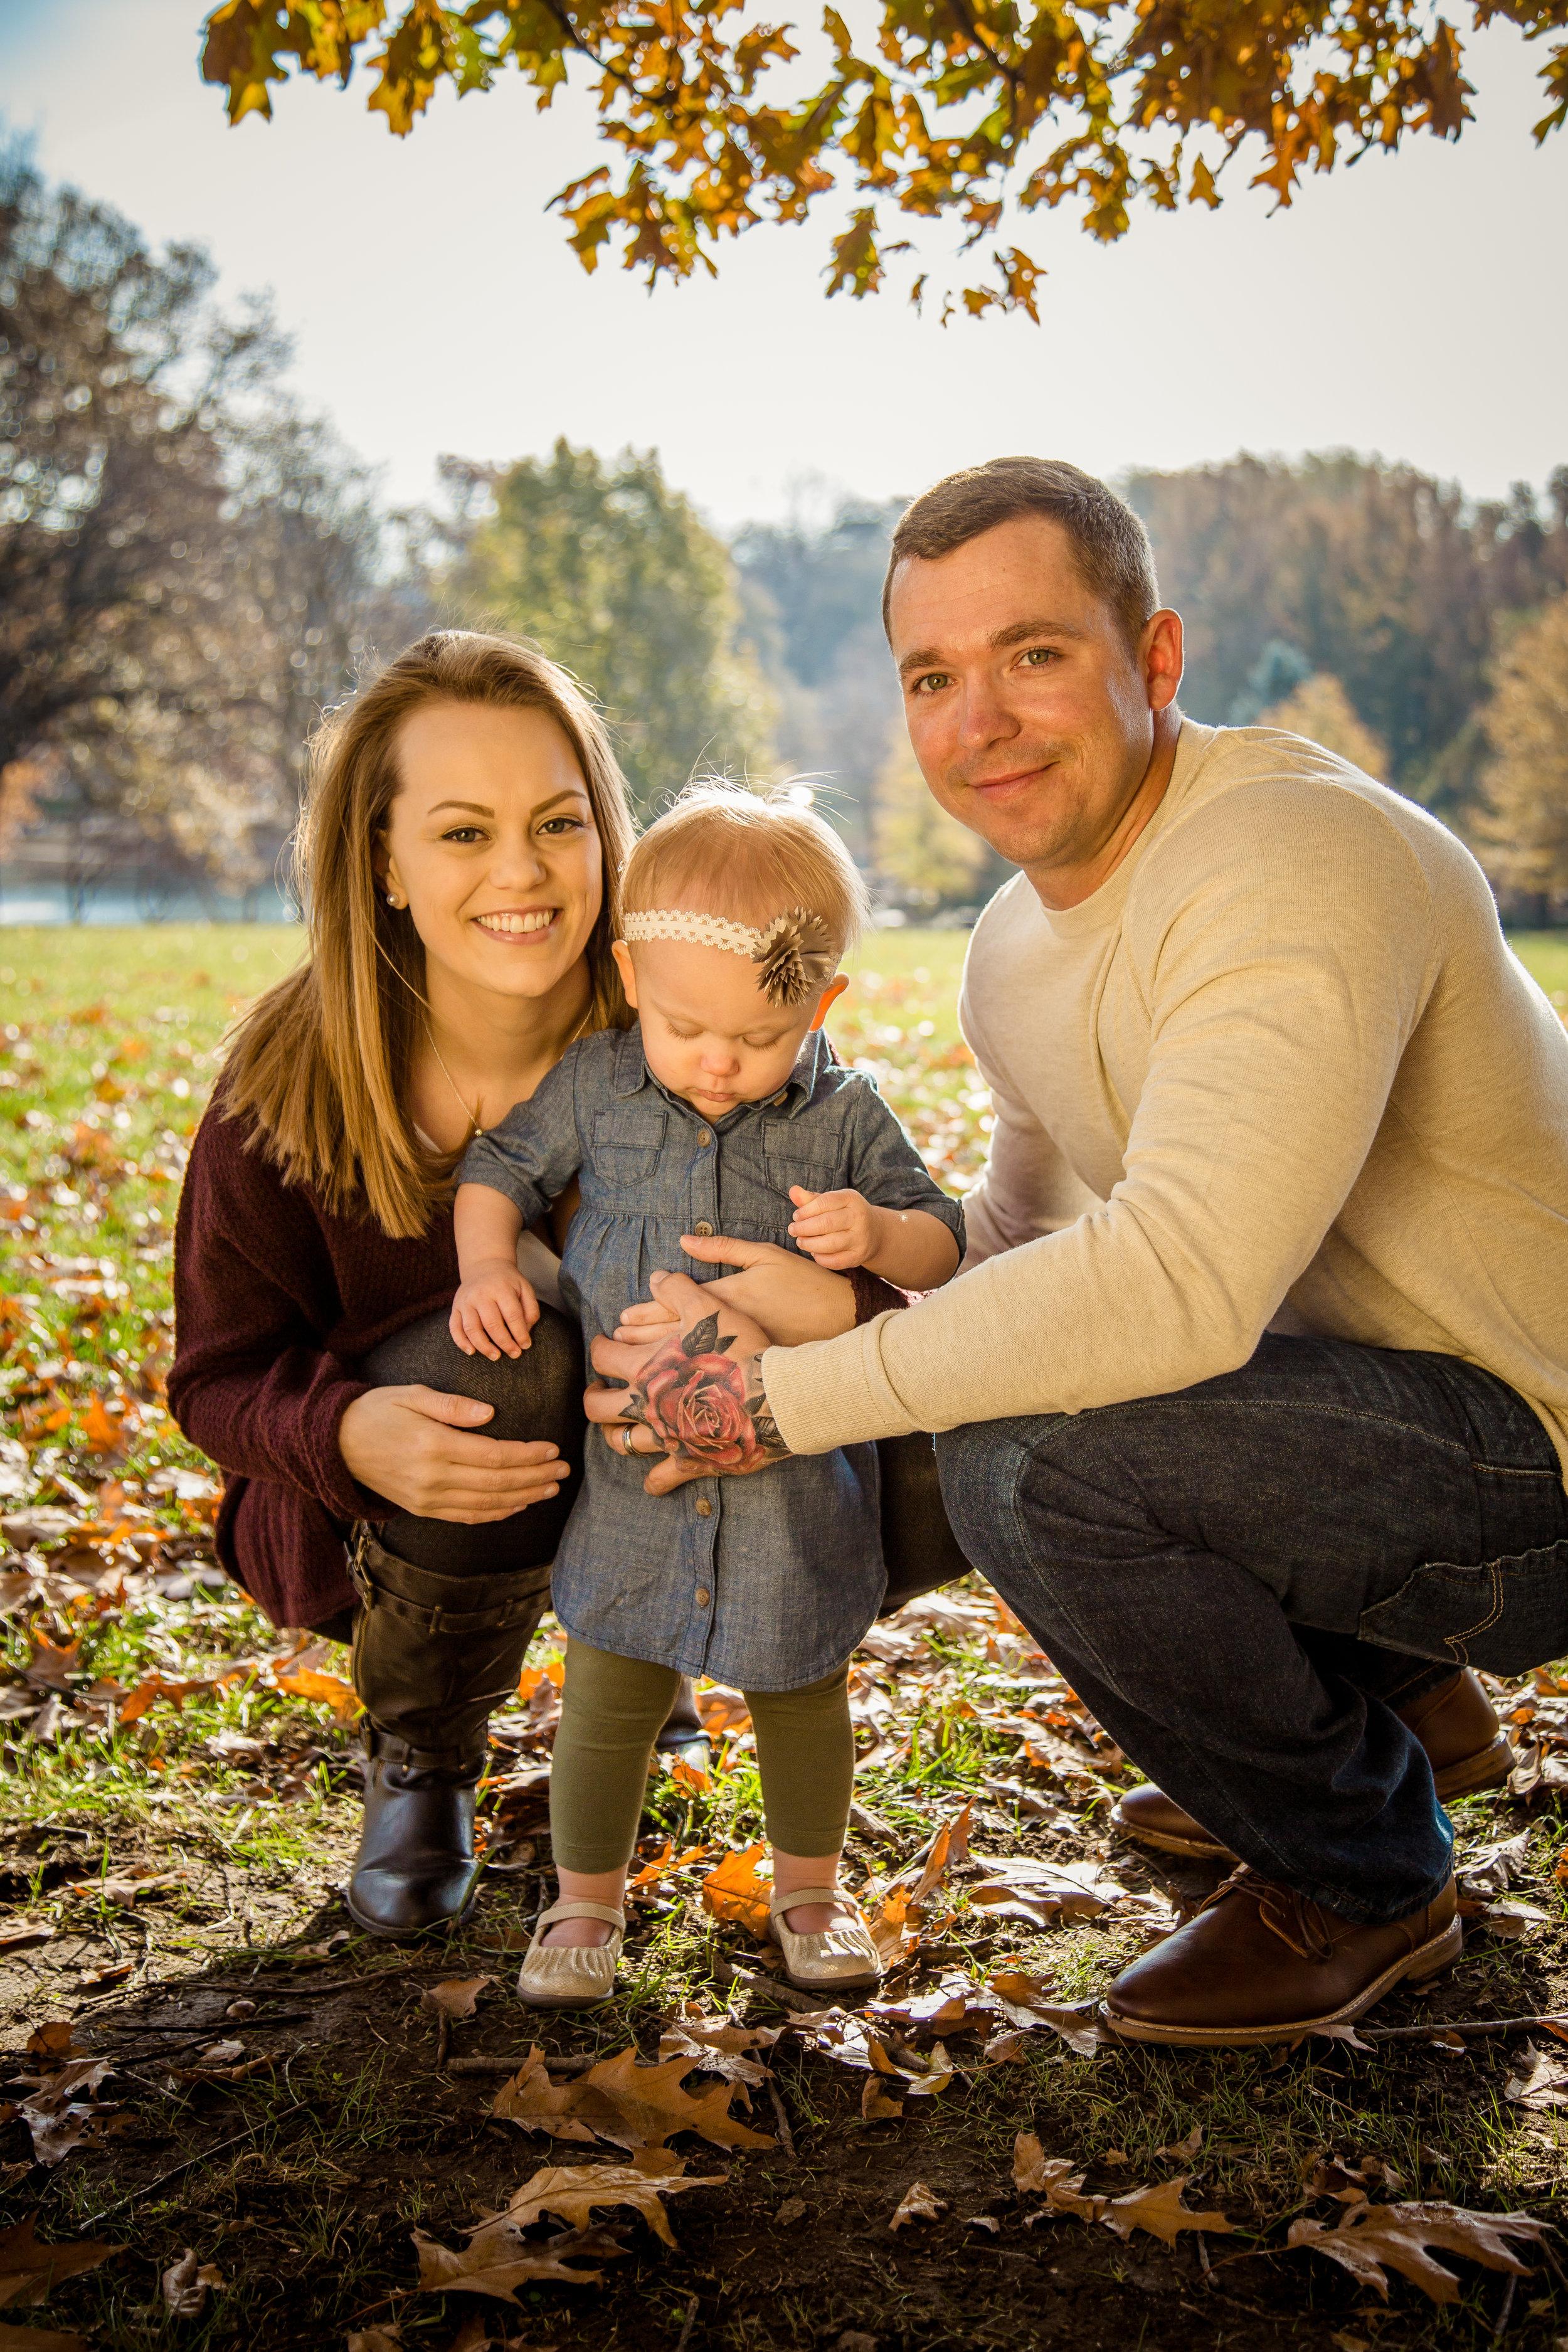 Bennett-Burrell Family Photos 2018 (13 of 39).jpg